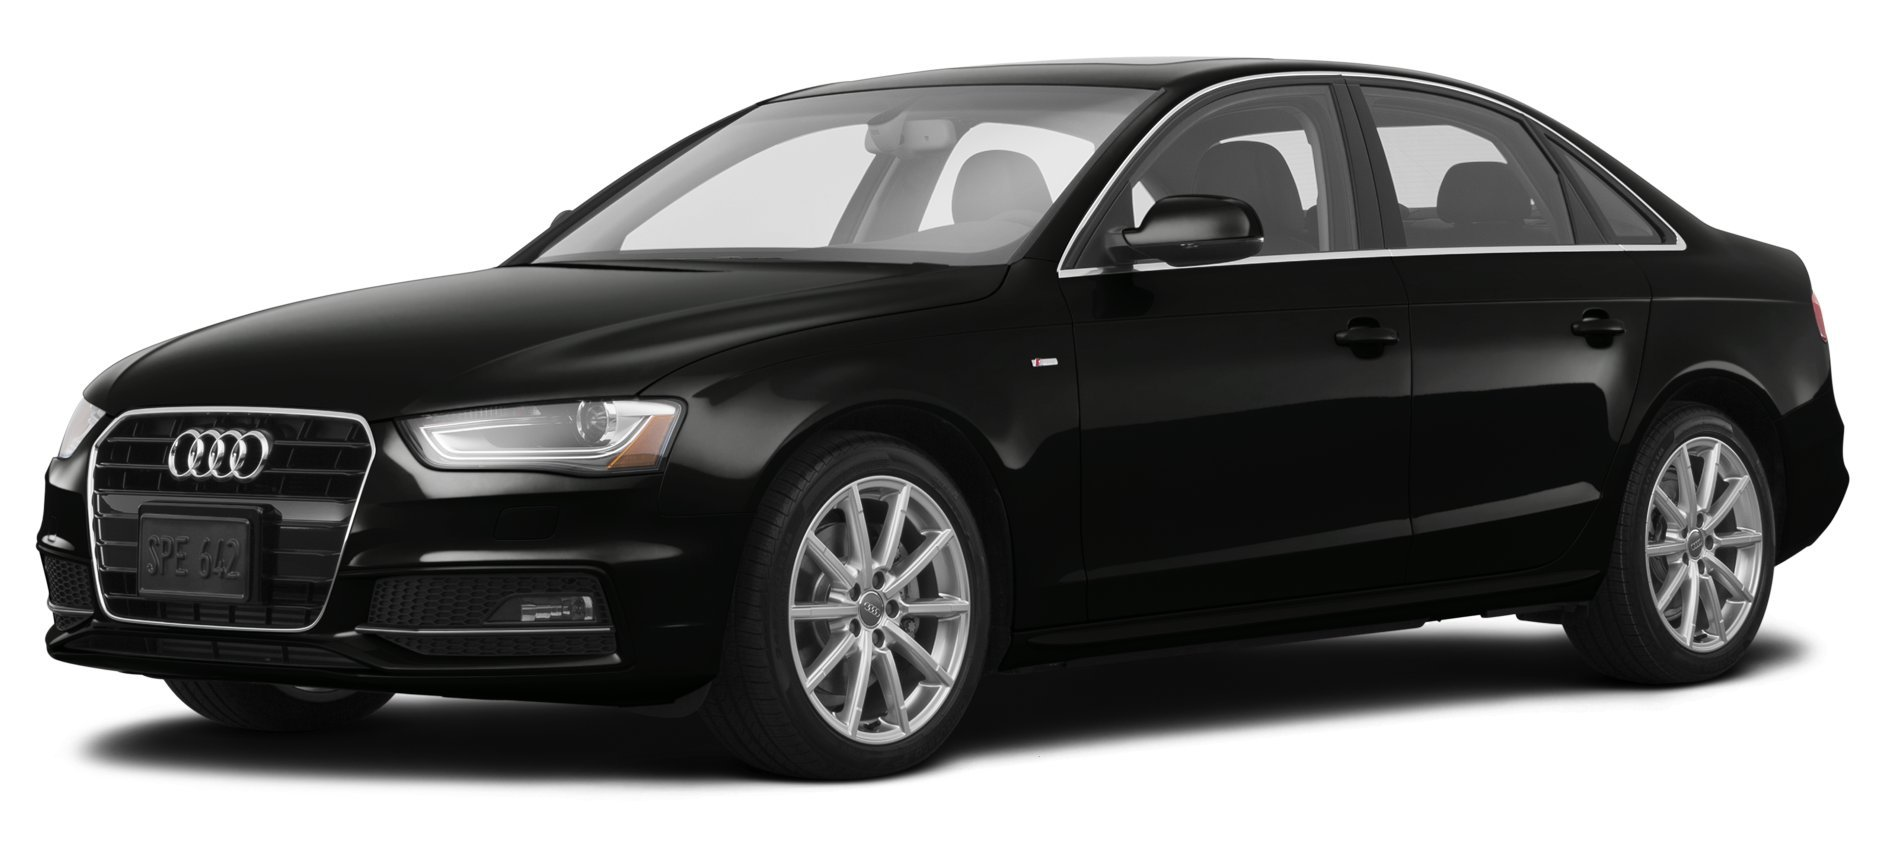 amazon com 2015 audi s4 reviews images and specs vehicles rh amazon com Audi 100 CS 93 Audi 100s